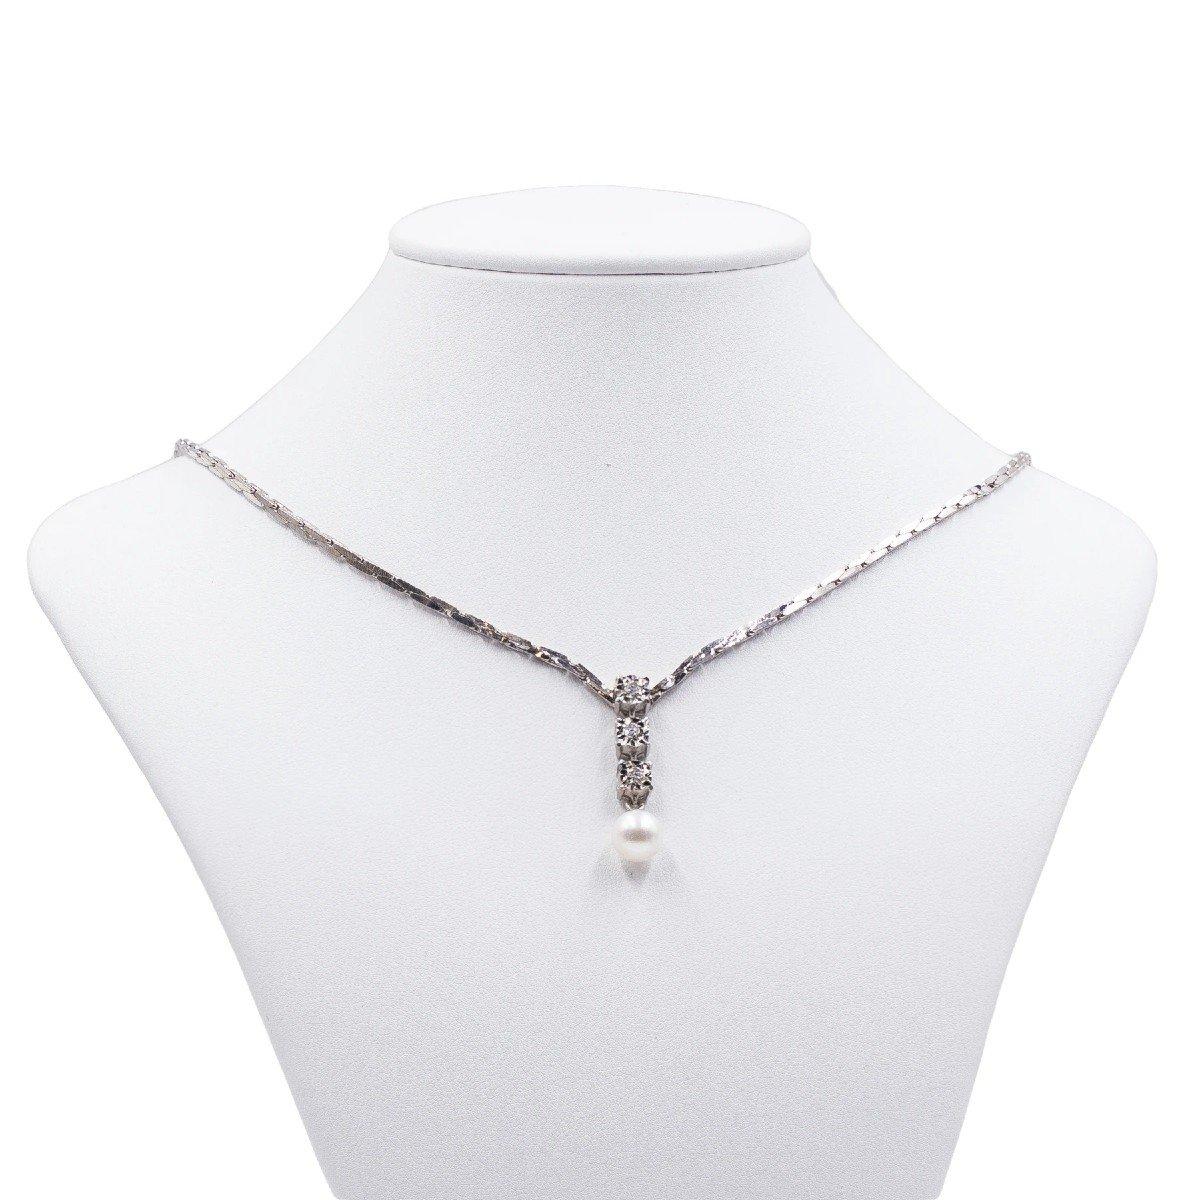 Collier Vintage En Or Blanc 14 Ct Avec 3 Diamants (0.15 Ct) Et Perle, AnnÉes 80